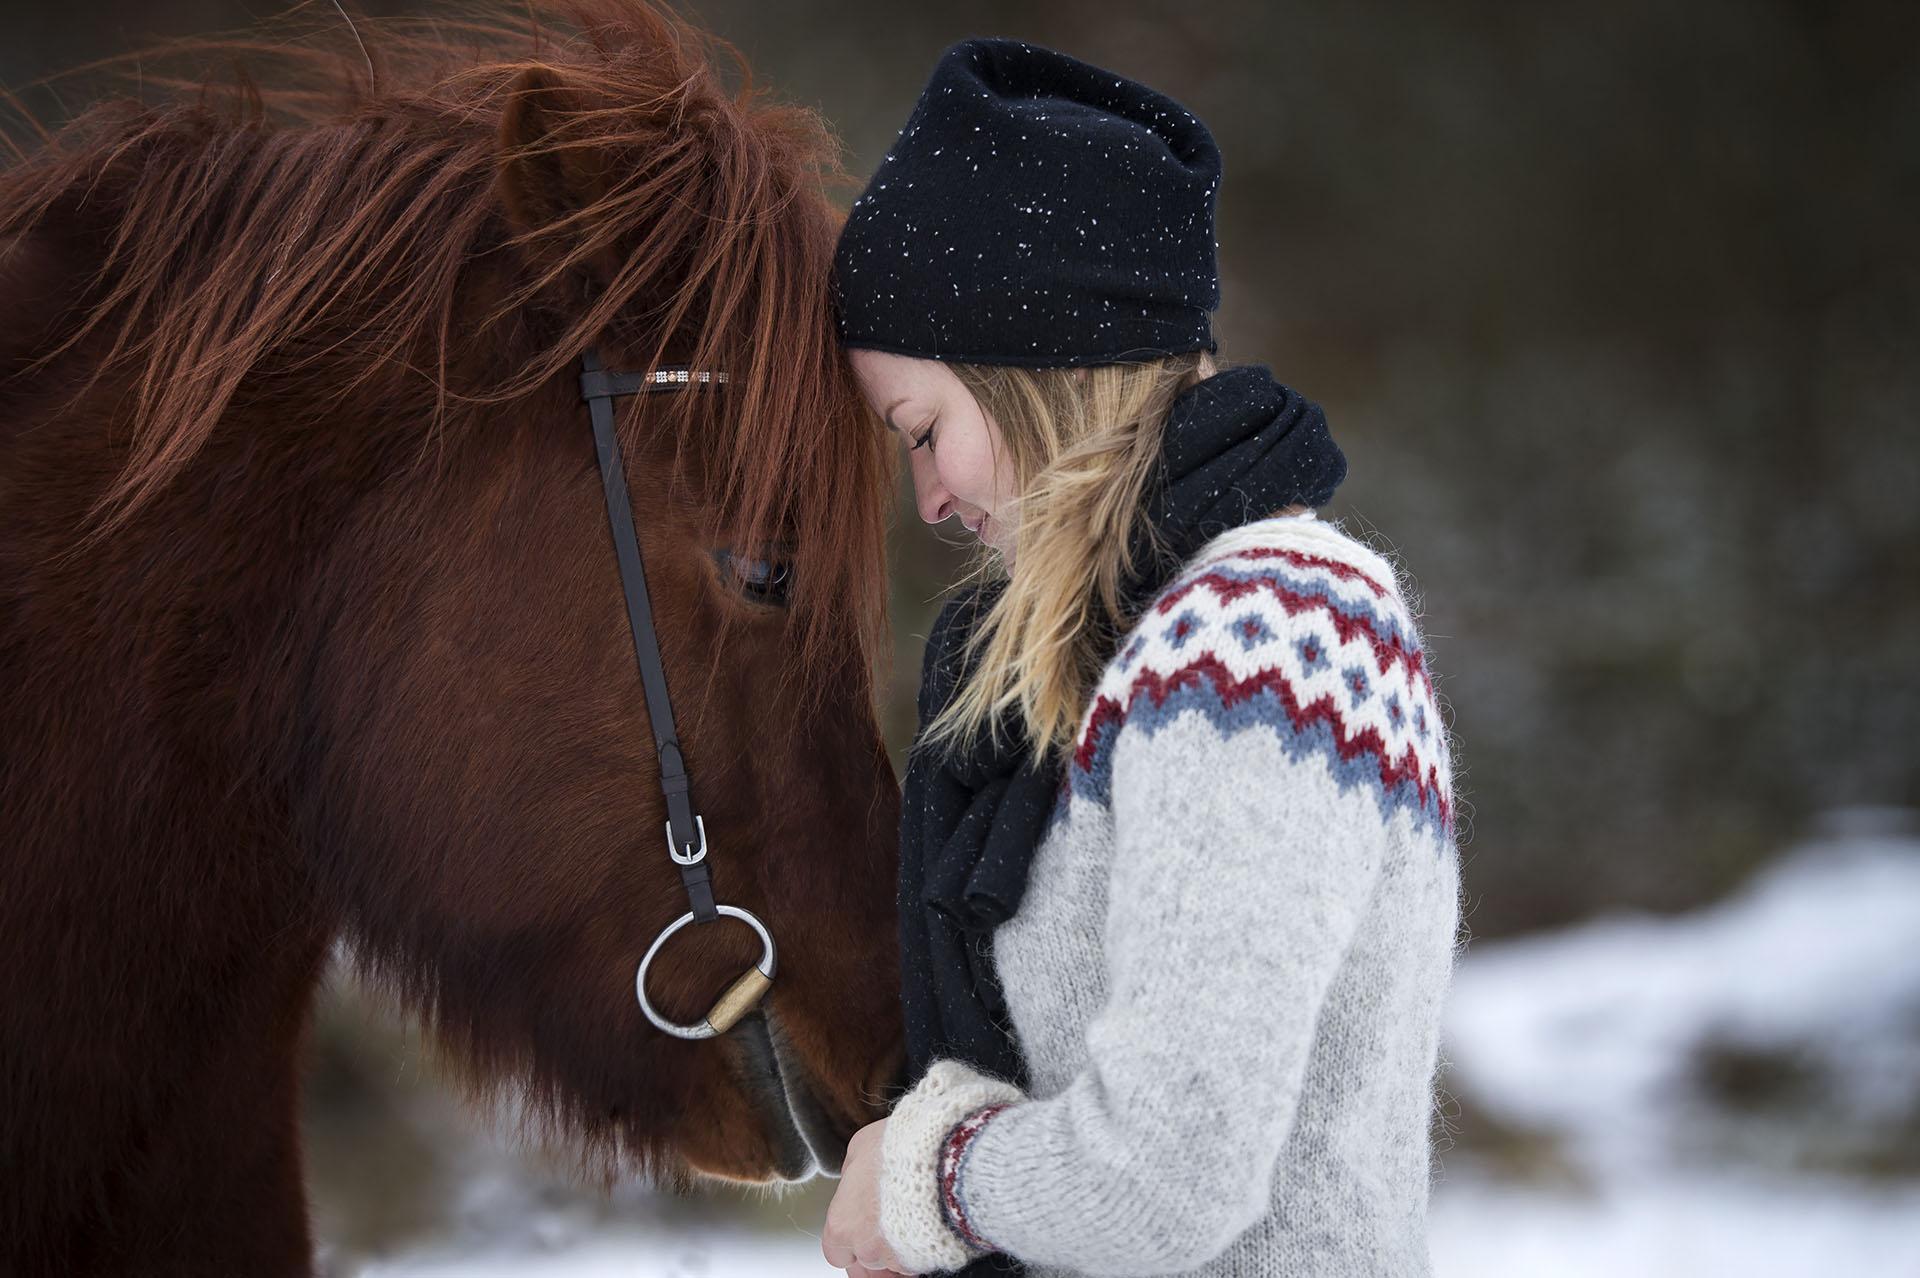 Mensch und Pferd kuscheln, innige Beziehung, Stirn an Stirn